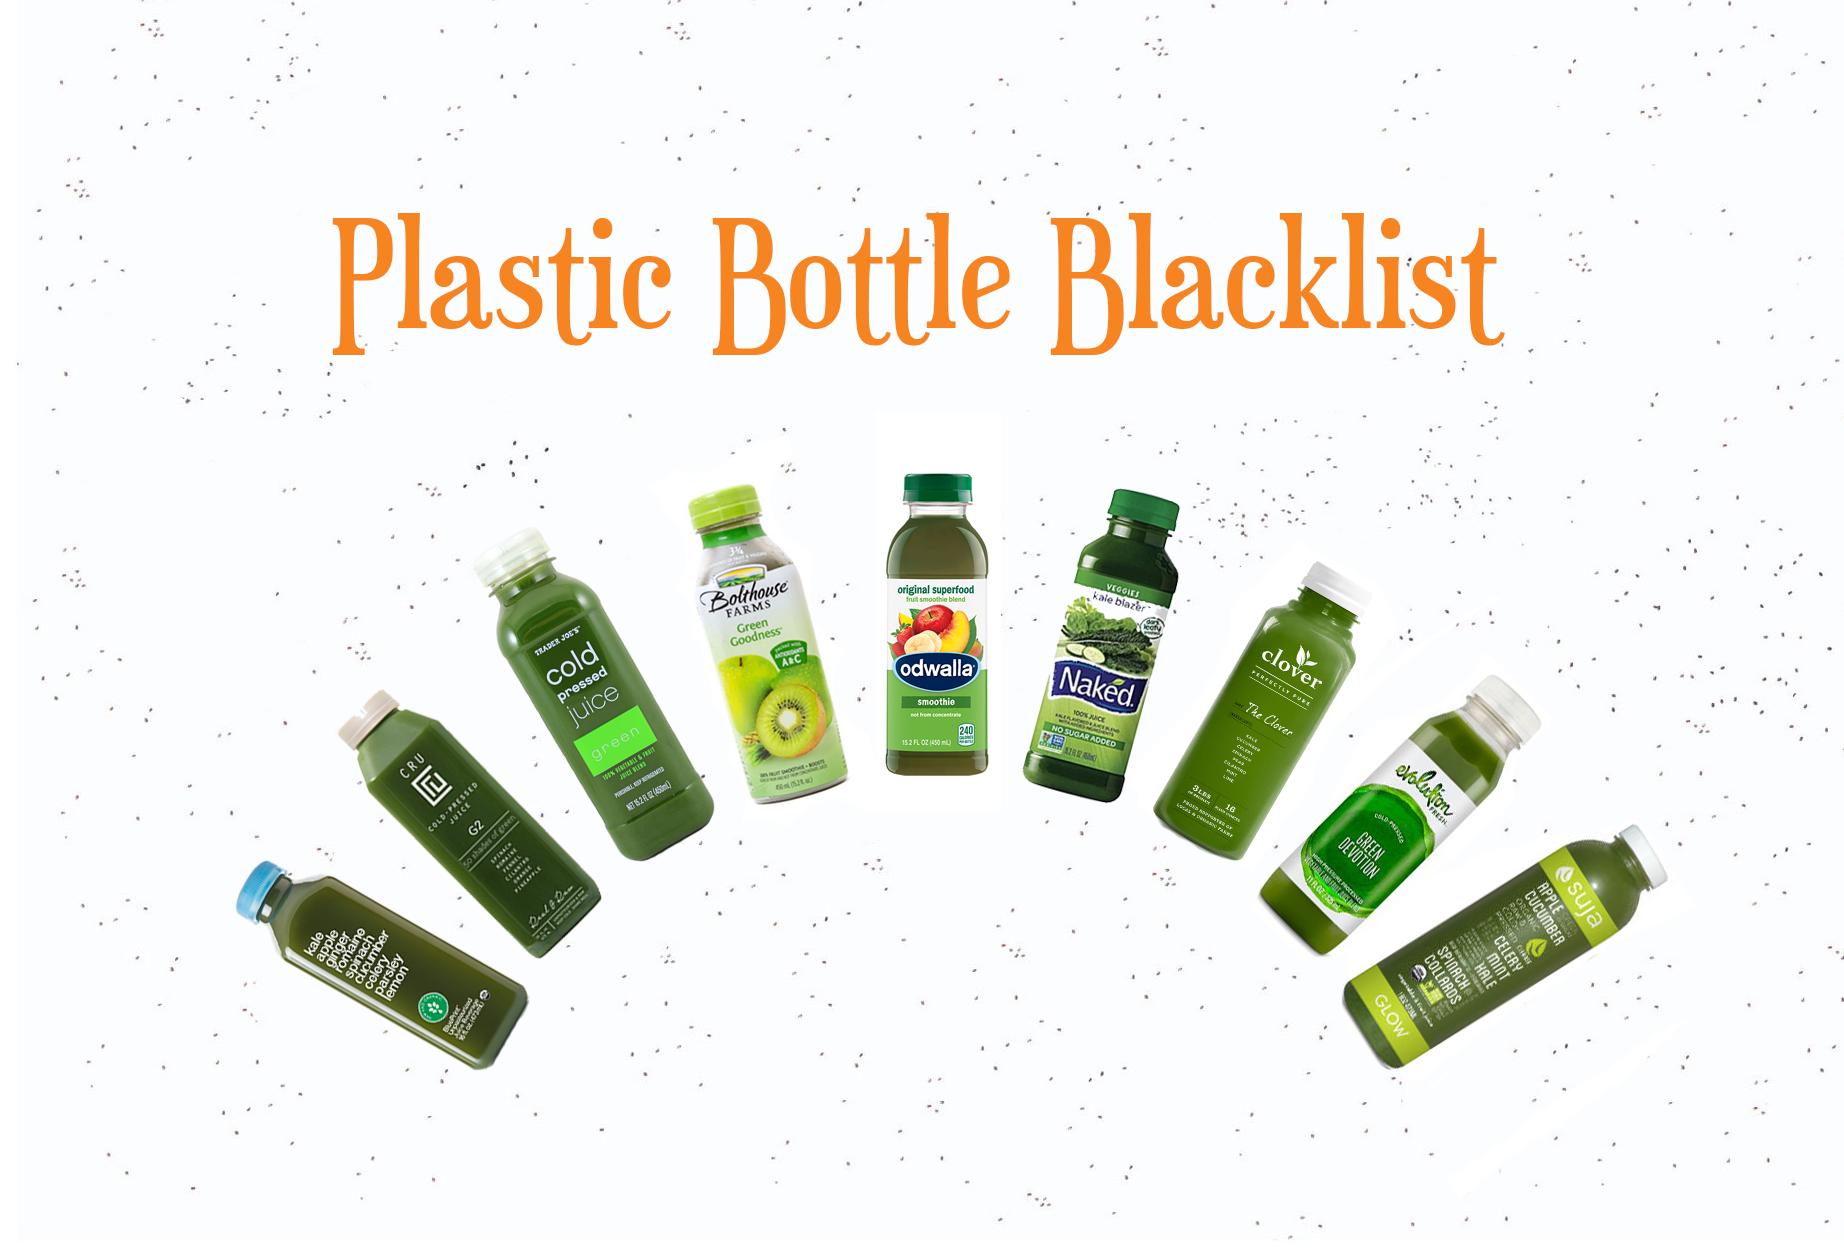 tonic-juicery-plastic-bottle-blacklist